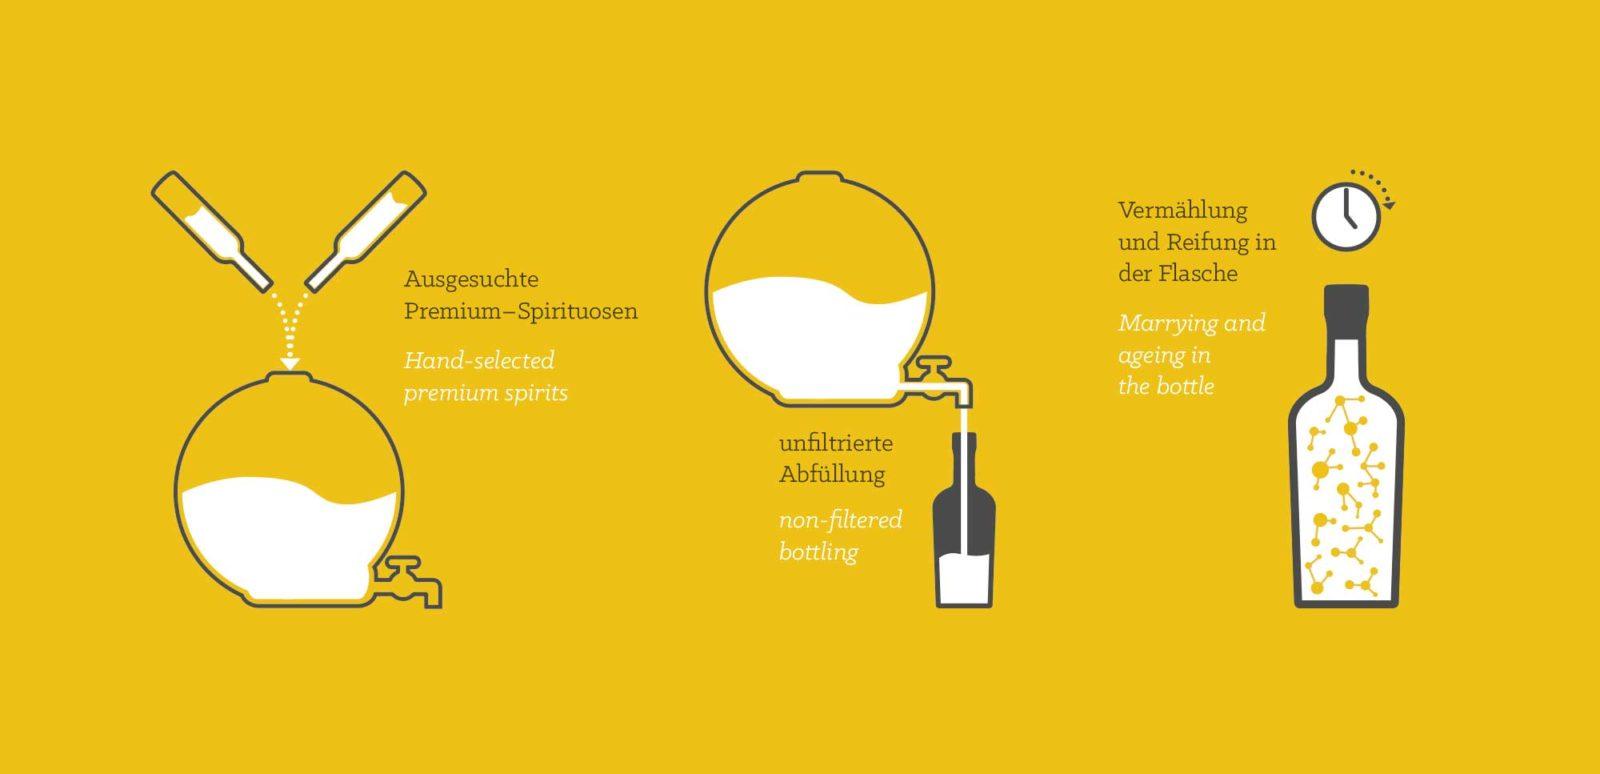 editienne Kommunkationsdesign- Brand Packaging Re-Design 8